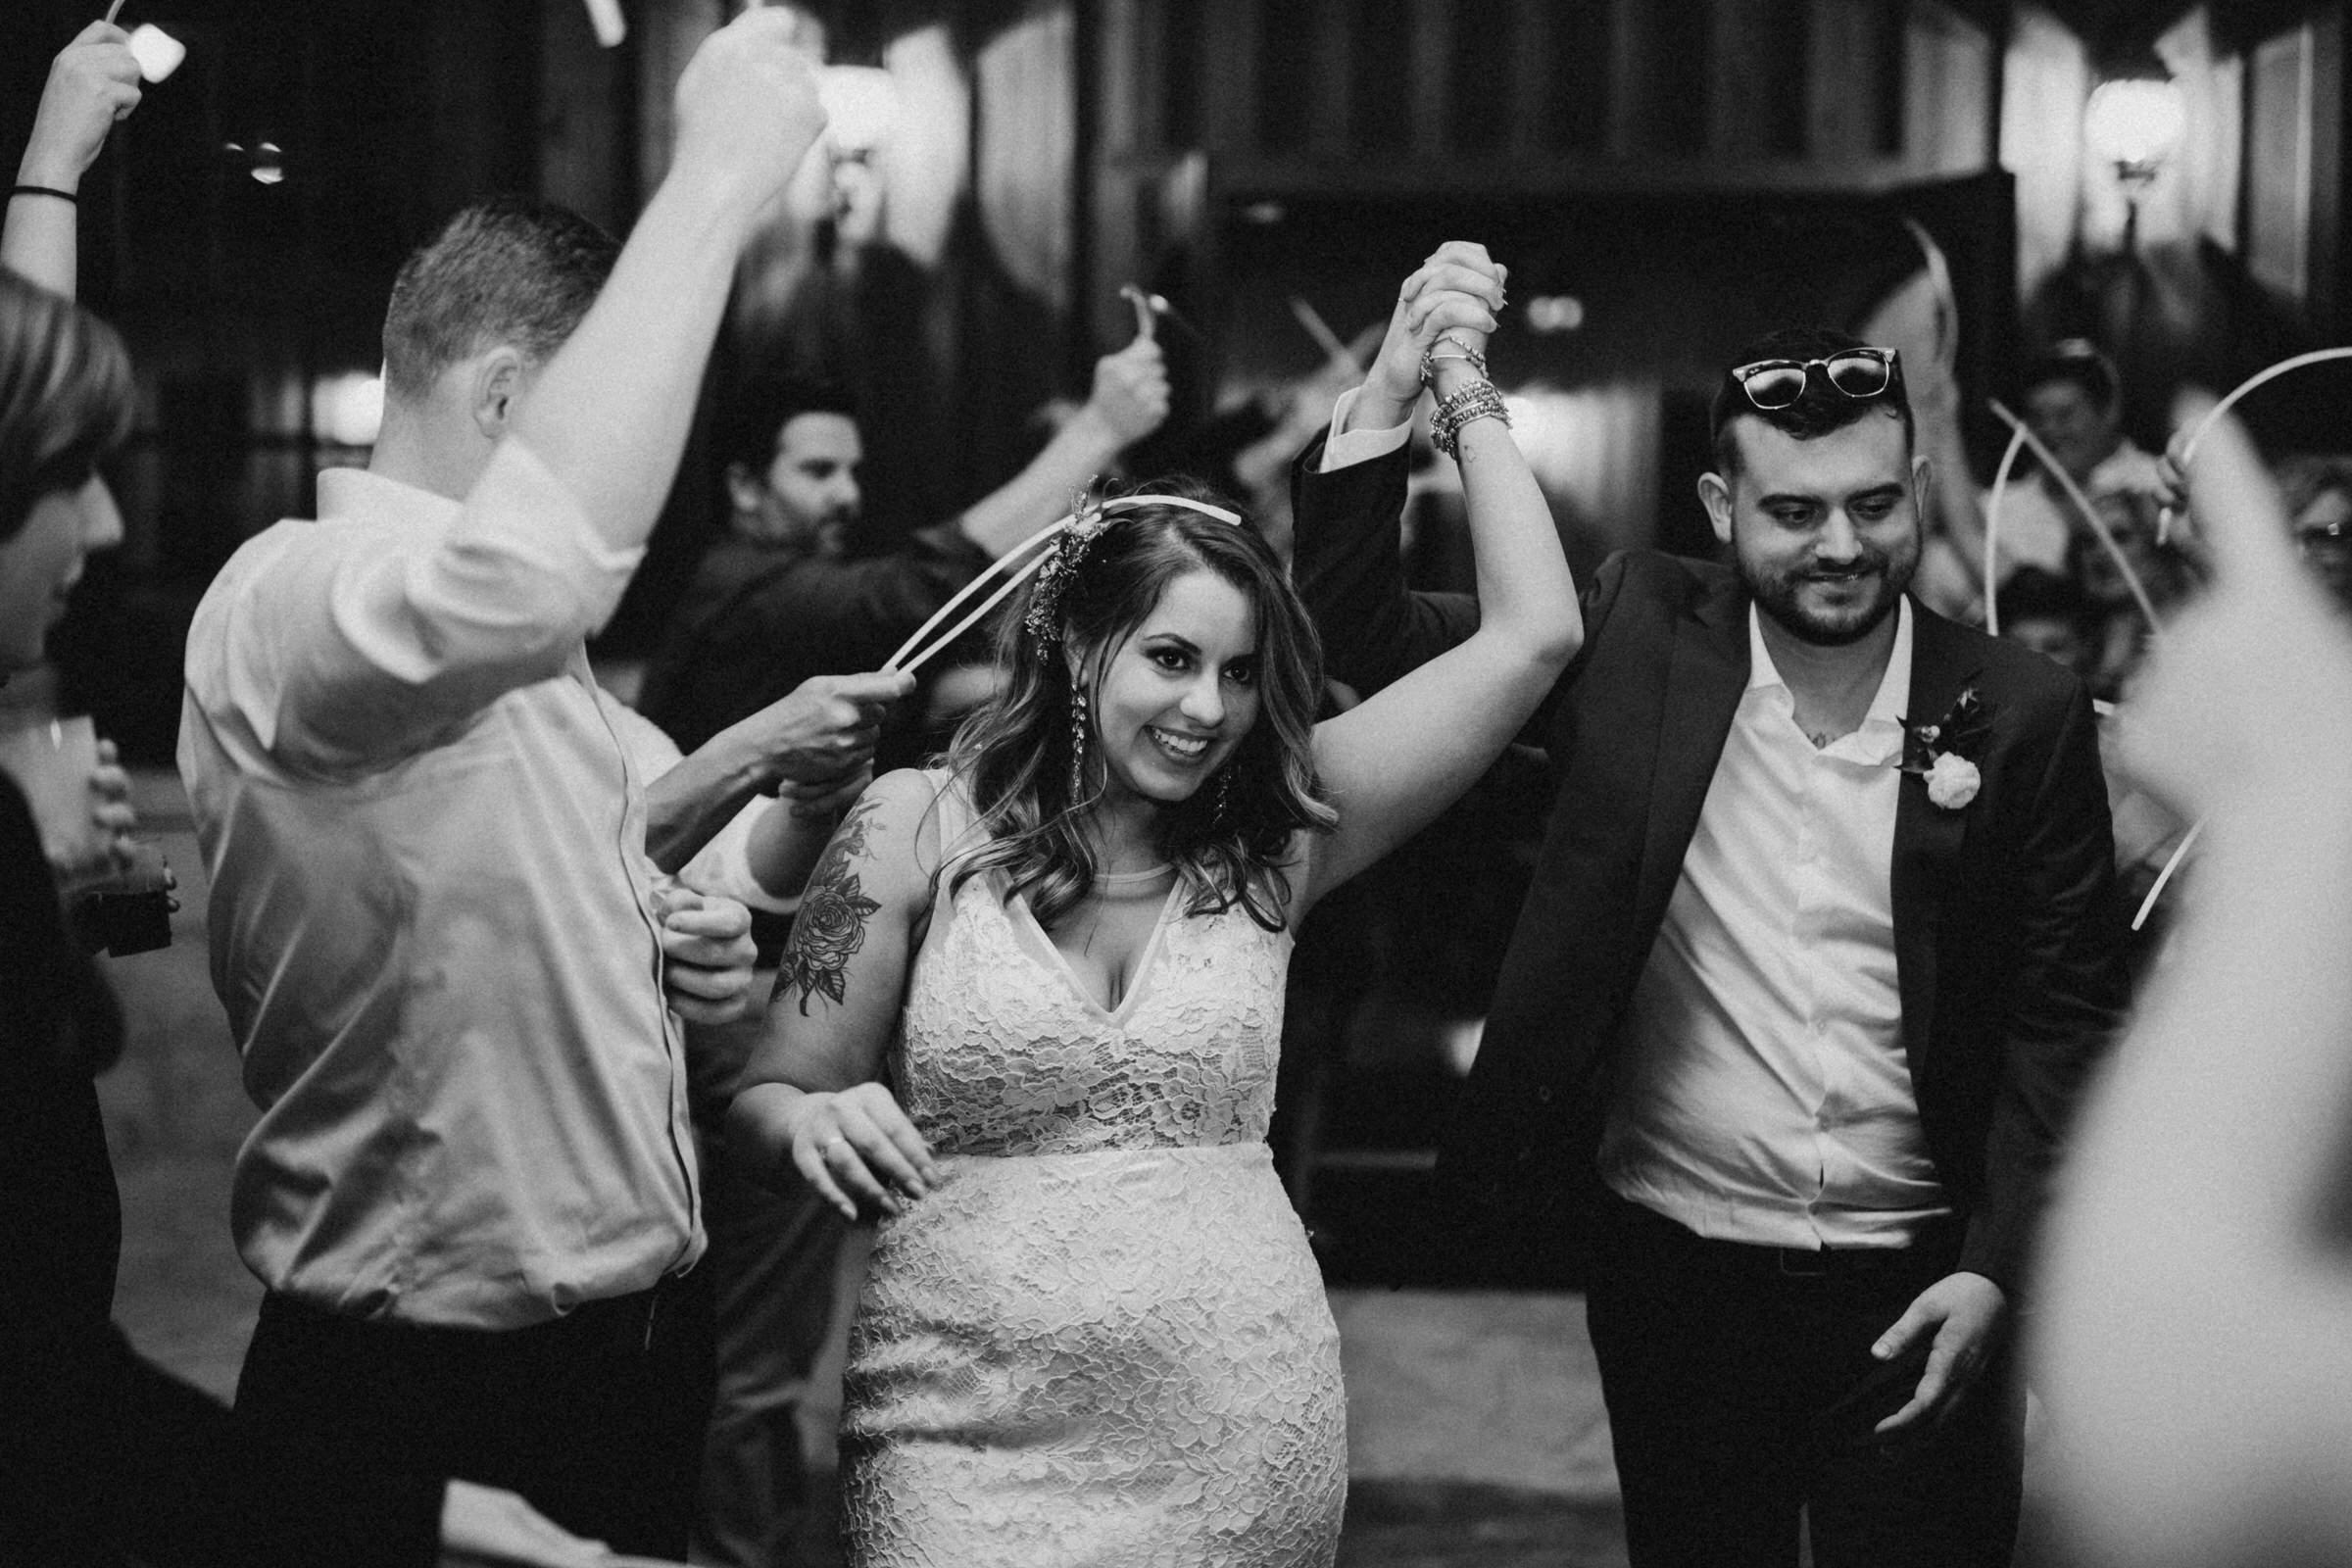 dietzen_aubrey-texas-the-springs-wedding_043-1.jpg